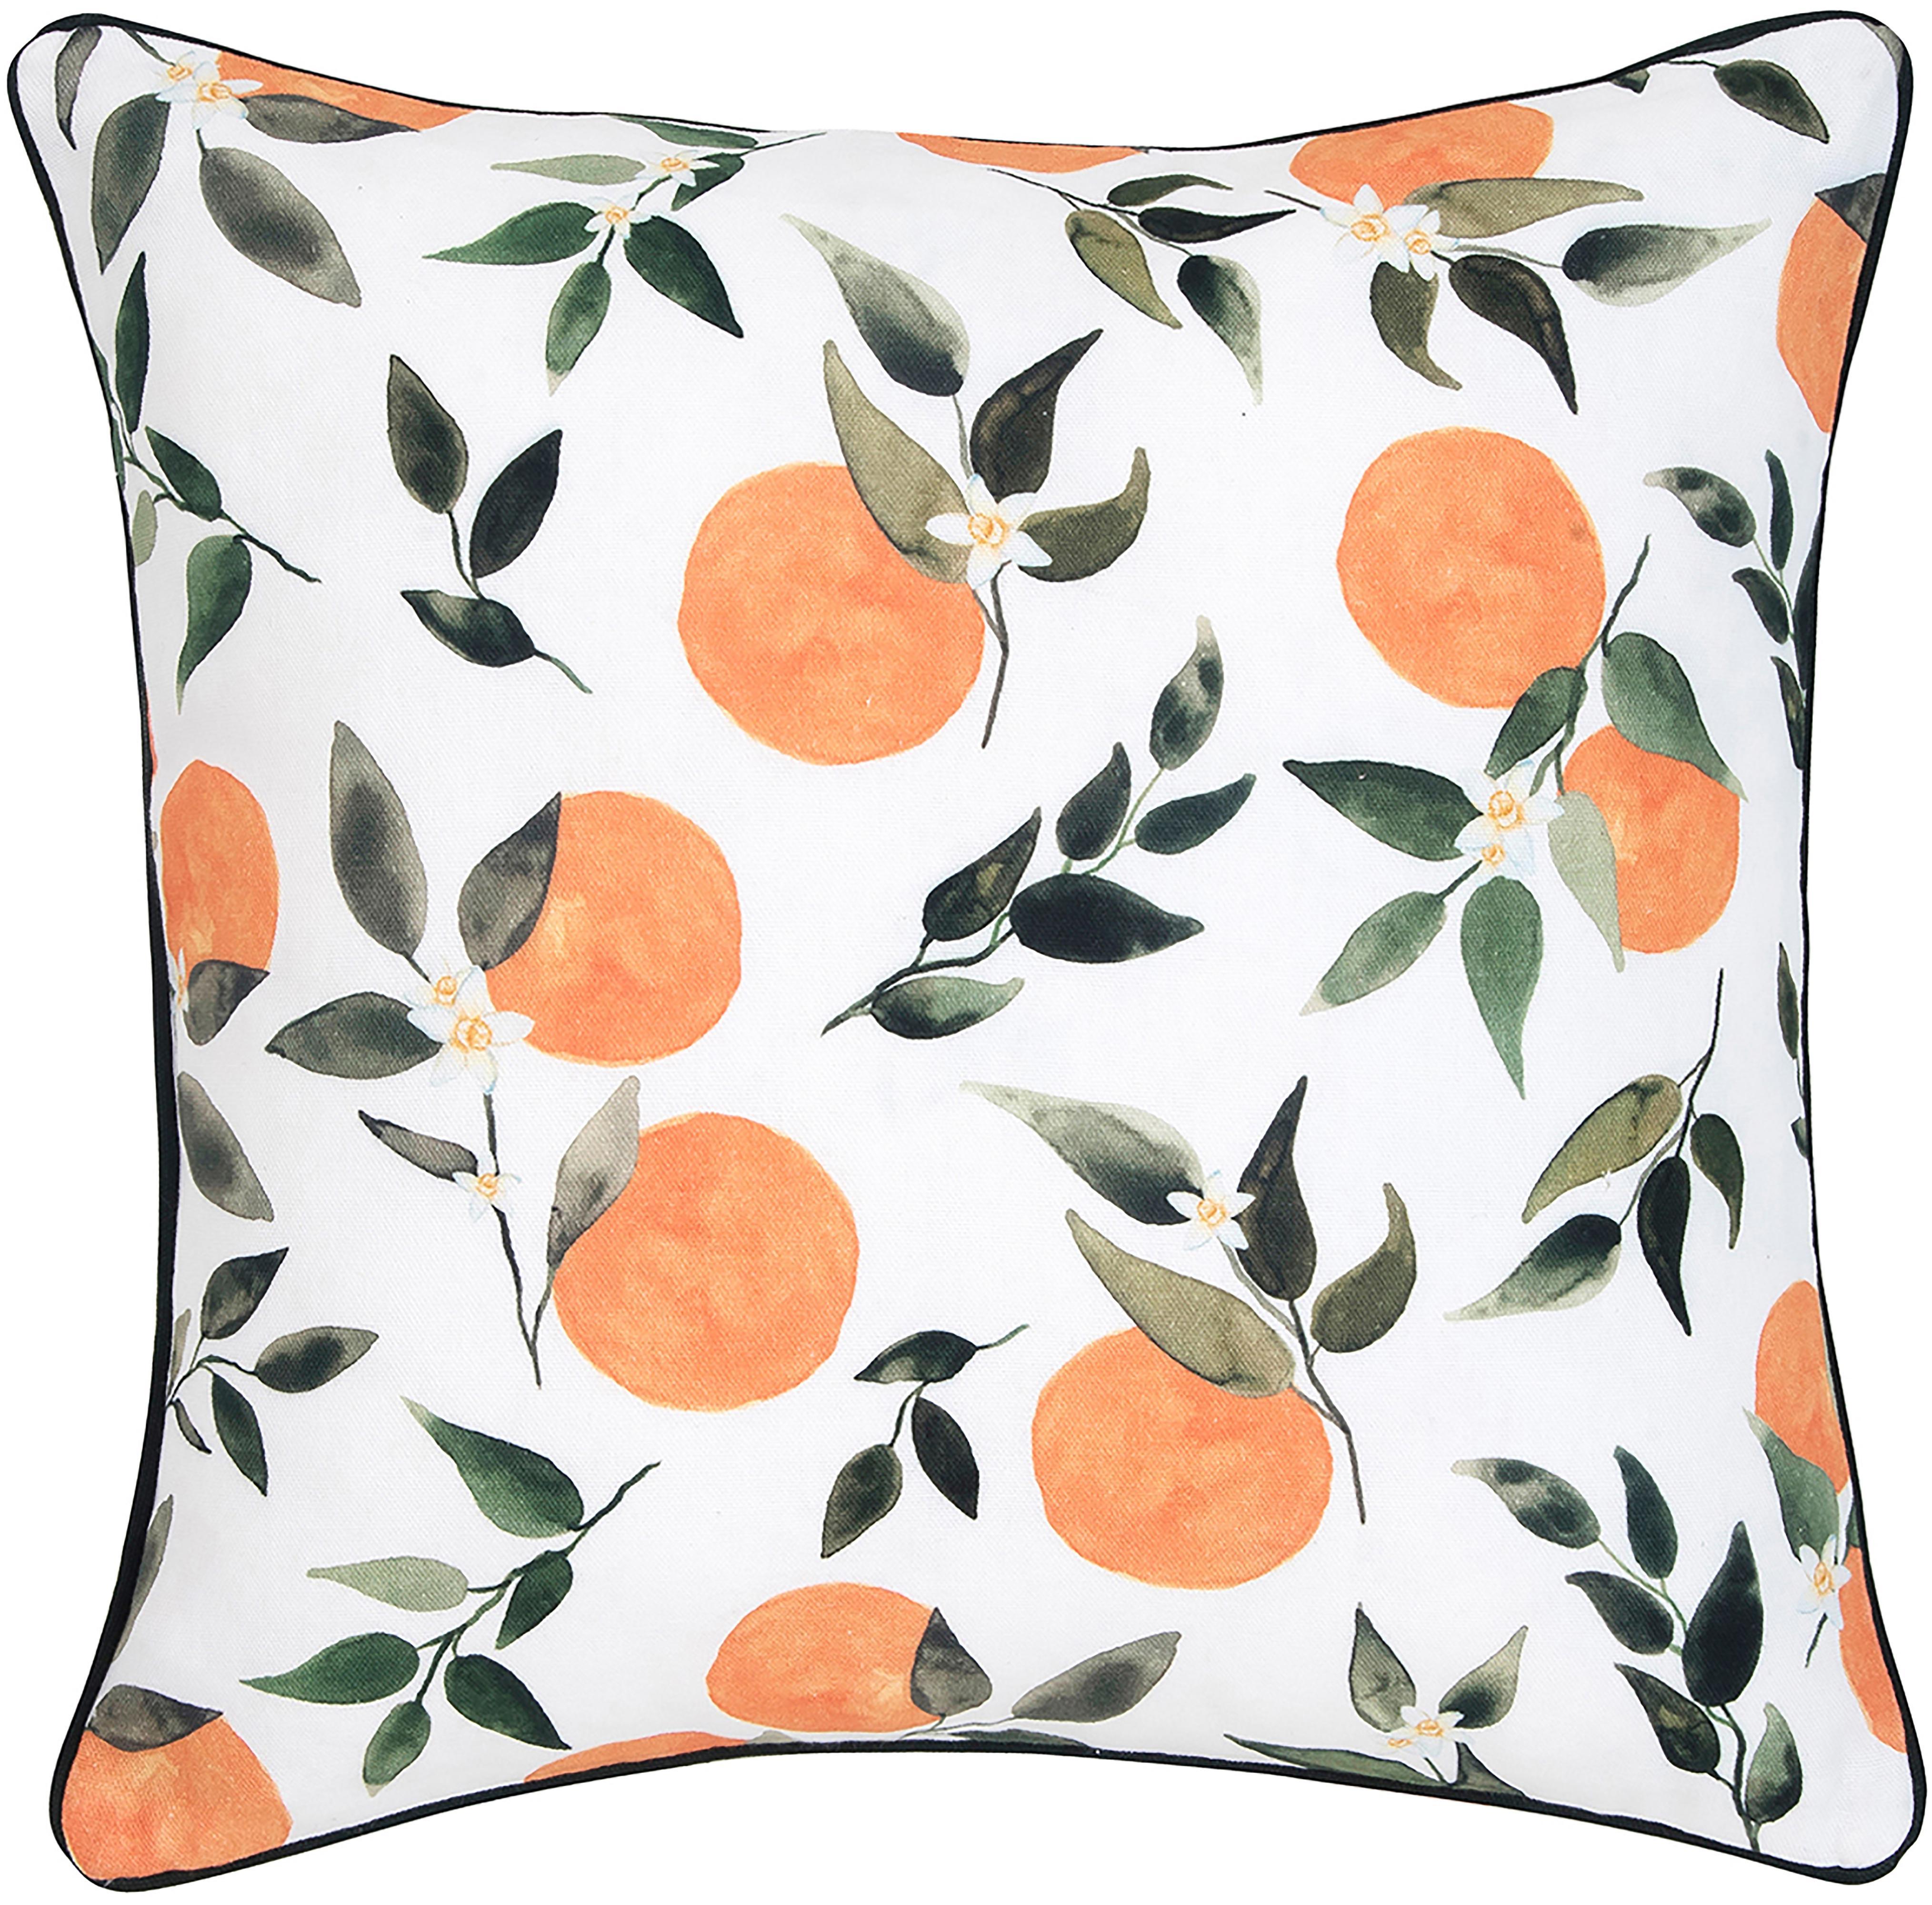 Poszewka na poduszkę Larangina, Bawełna, Biały, zielony, pomarańczowy Wykończenie brzegów: ciemny szary, S 40 x D 40 cm